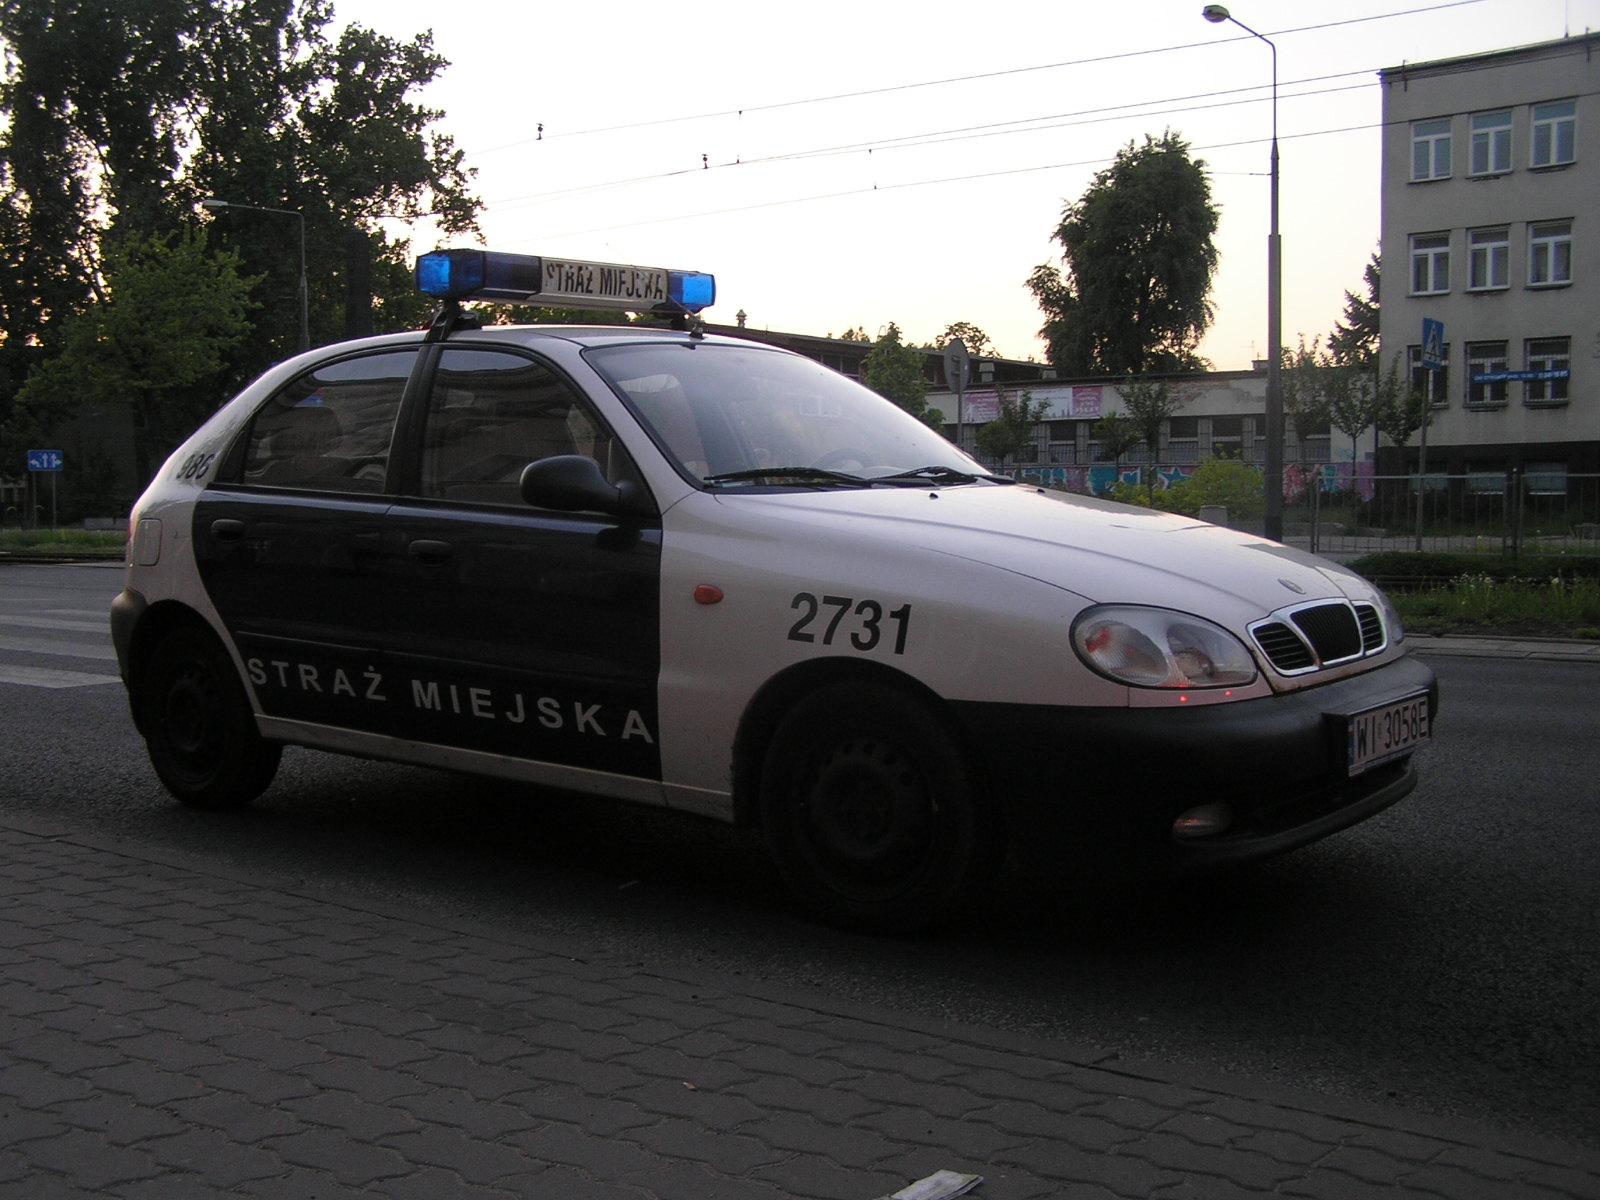 Poszukiwany spał na Grochowskiej